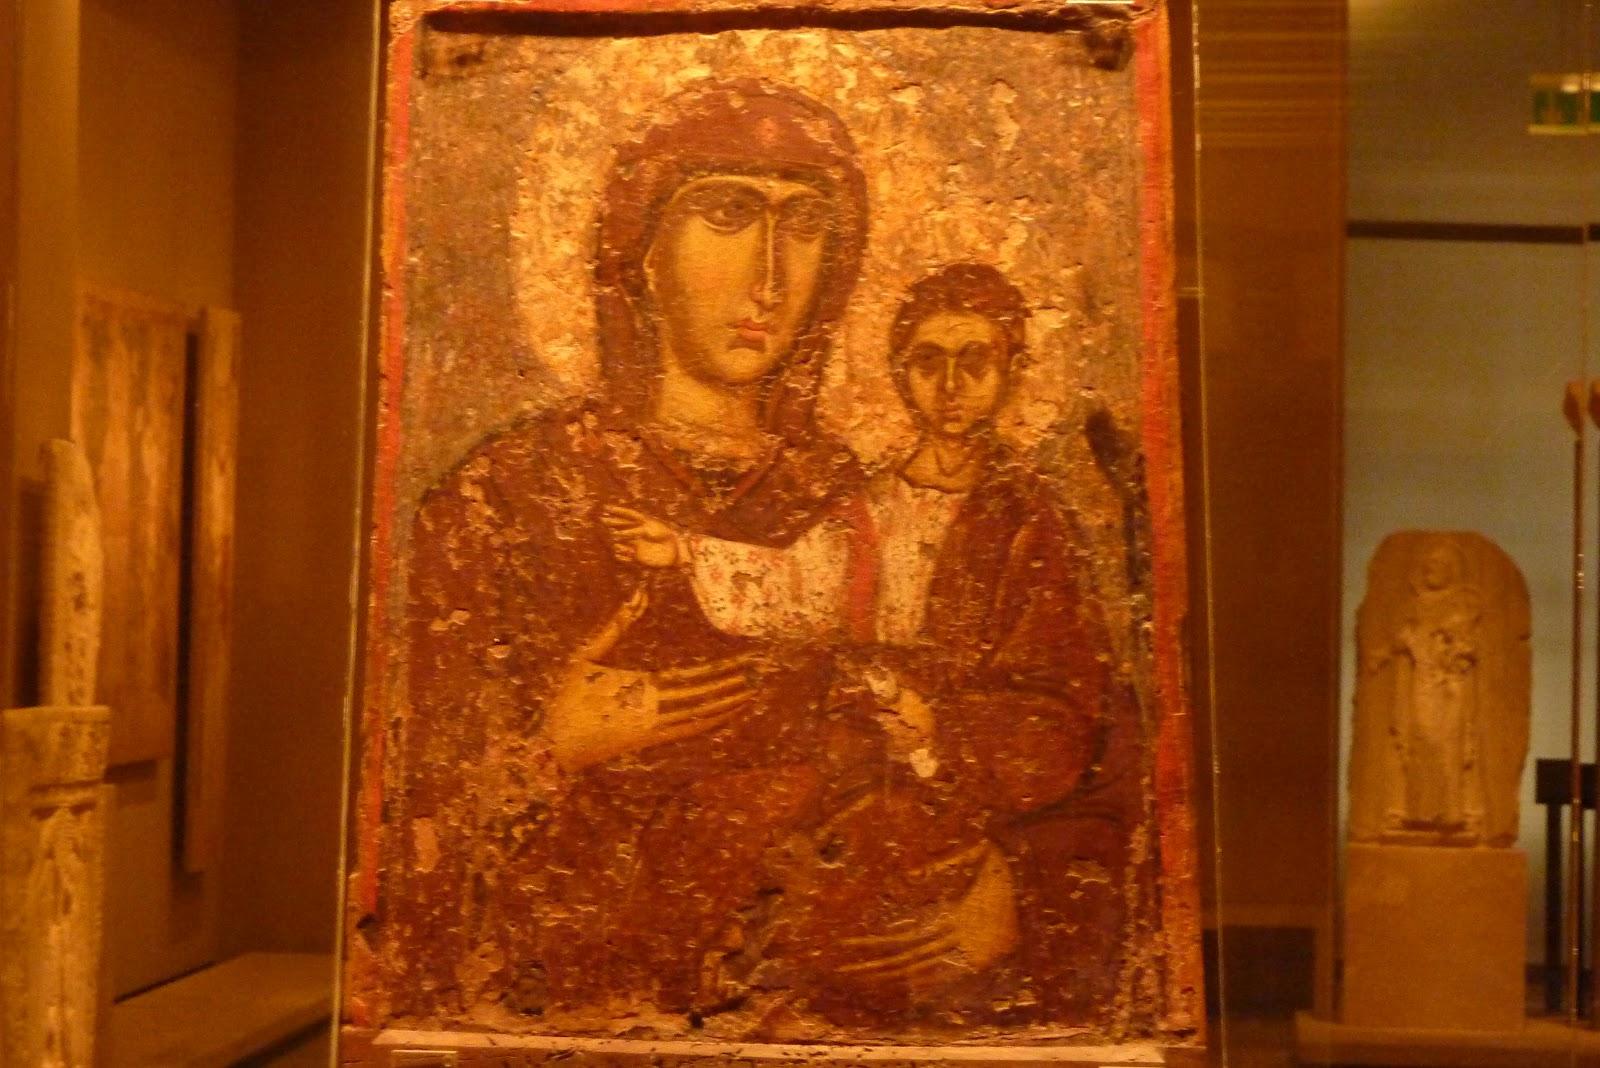 Peinture La Vierge  Ef Bf Bd L Enfant Decor Antique